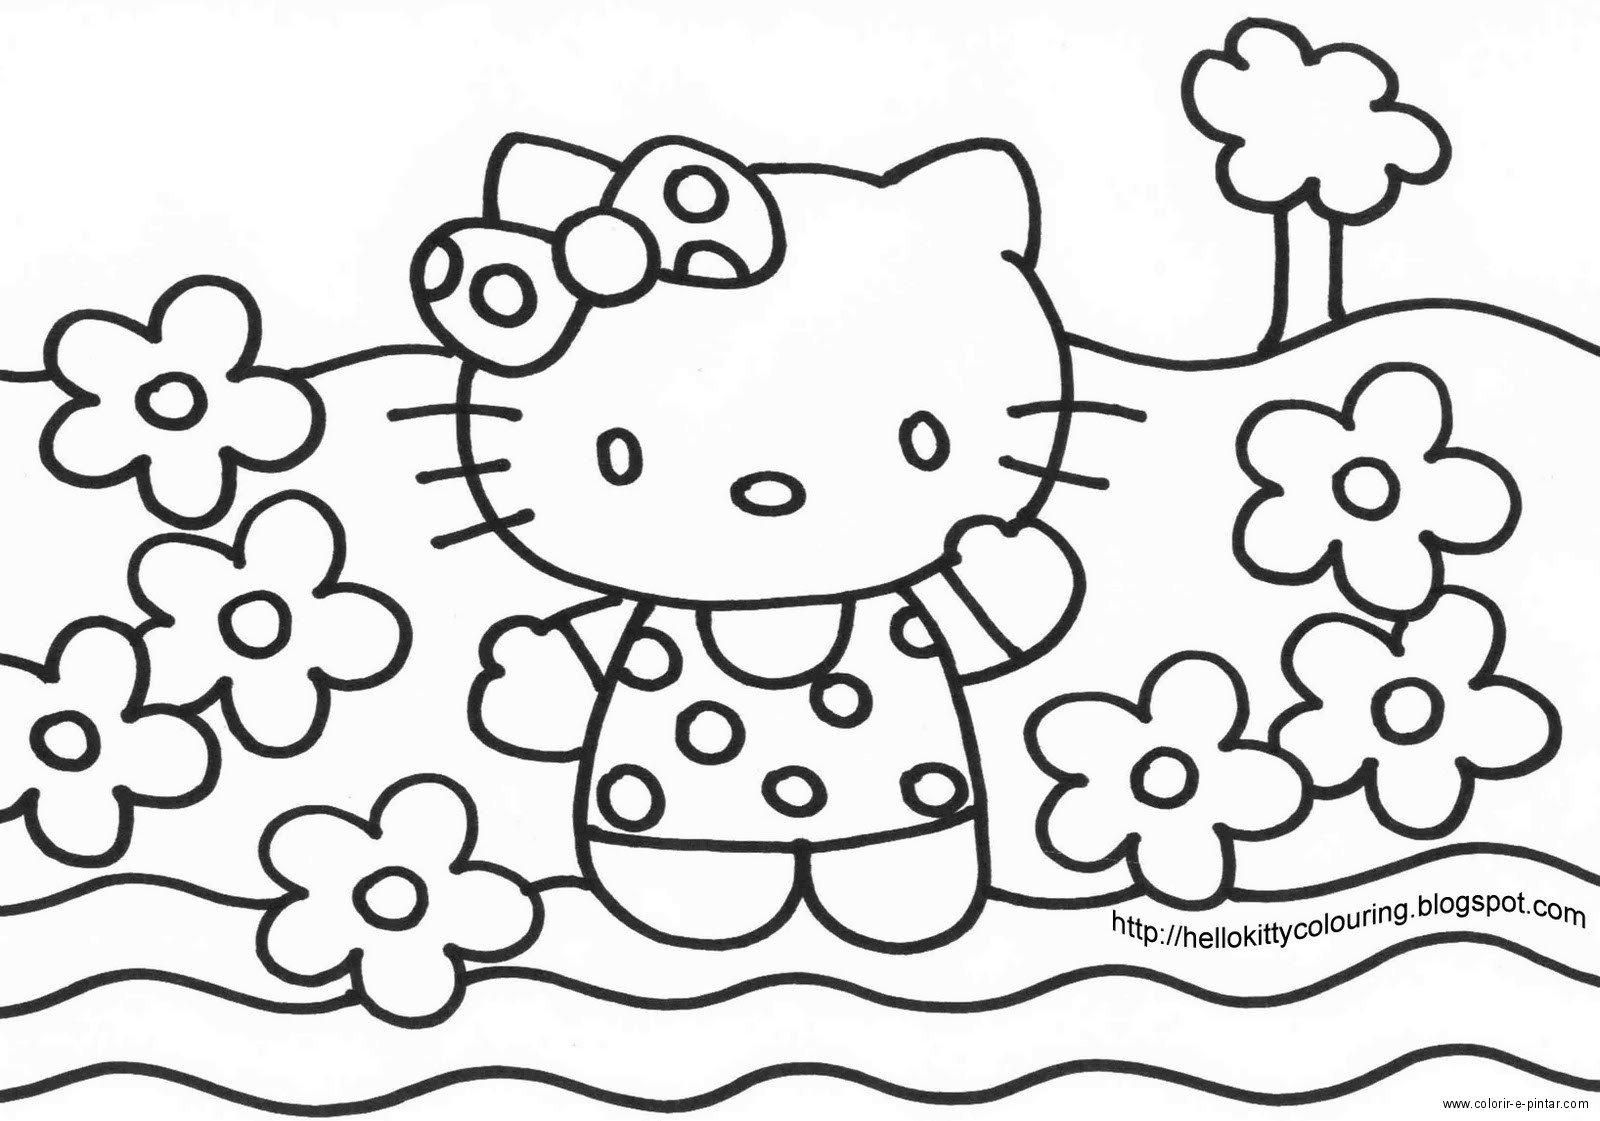 Desenhos Para Pintar: Desenho Para Colorir Da Hello Kitty